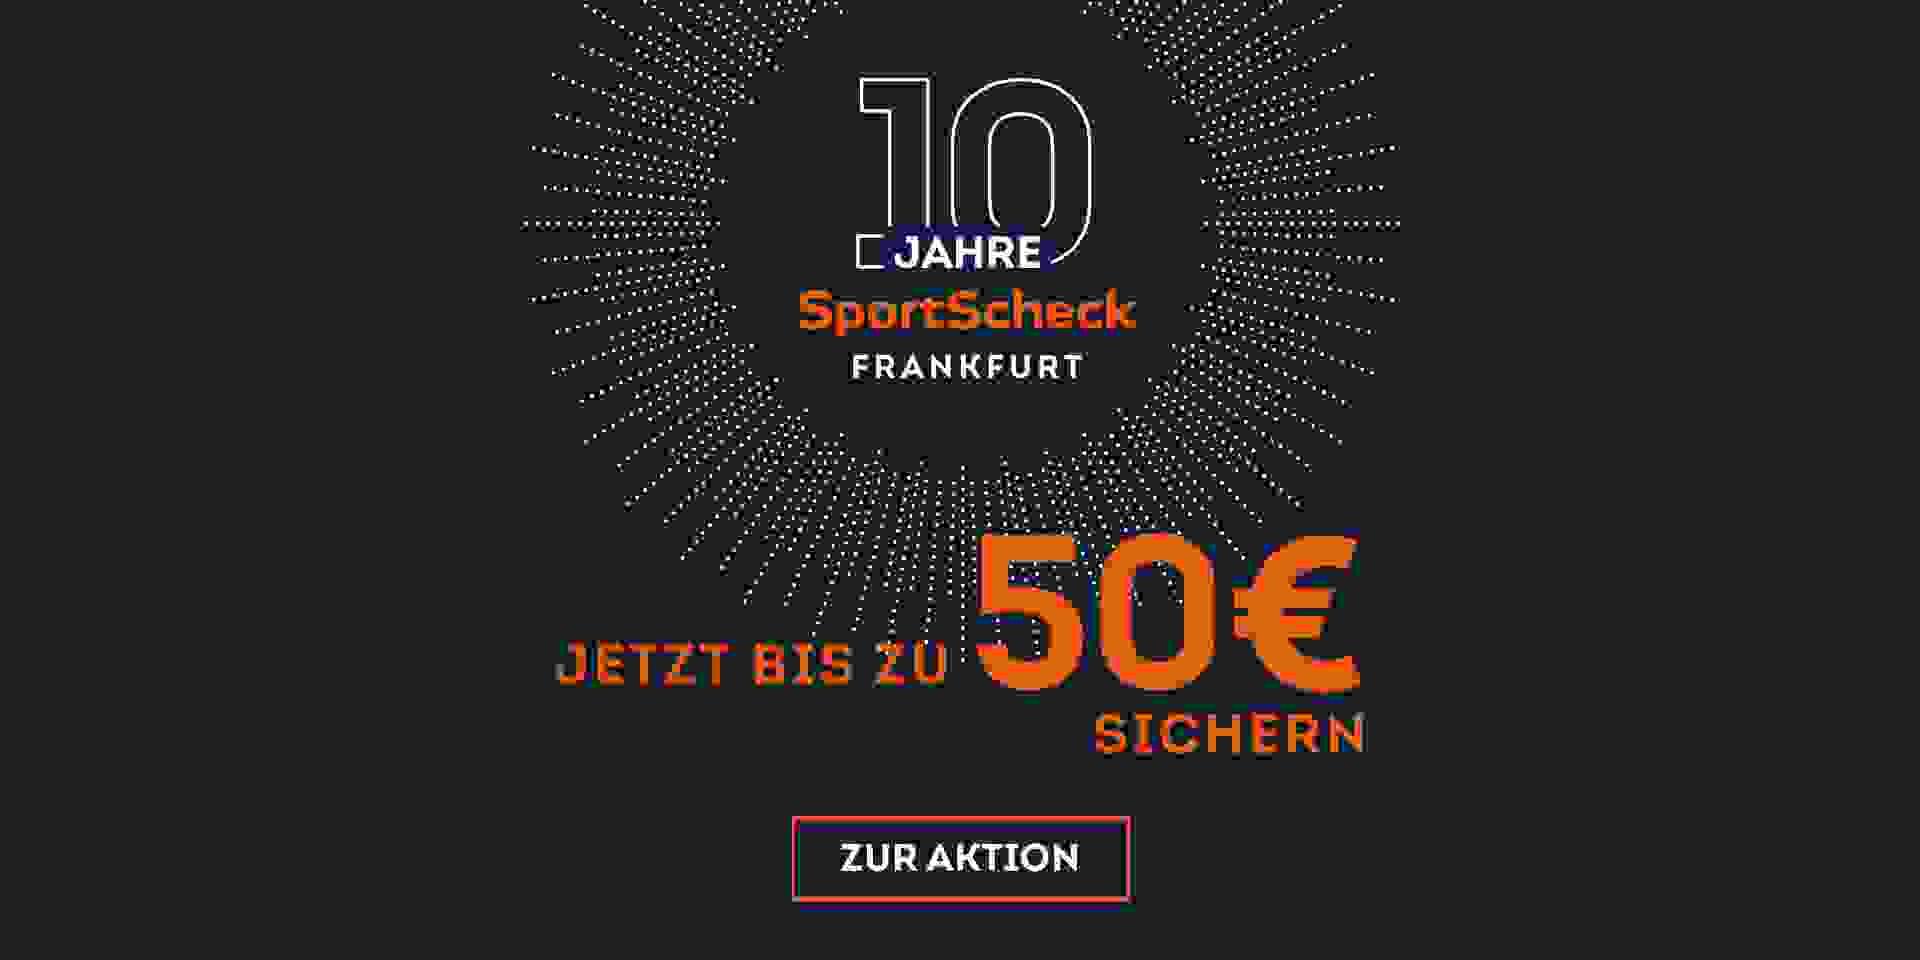 10 Jahre SportScheck Frankfurt